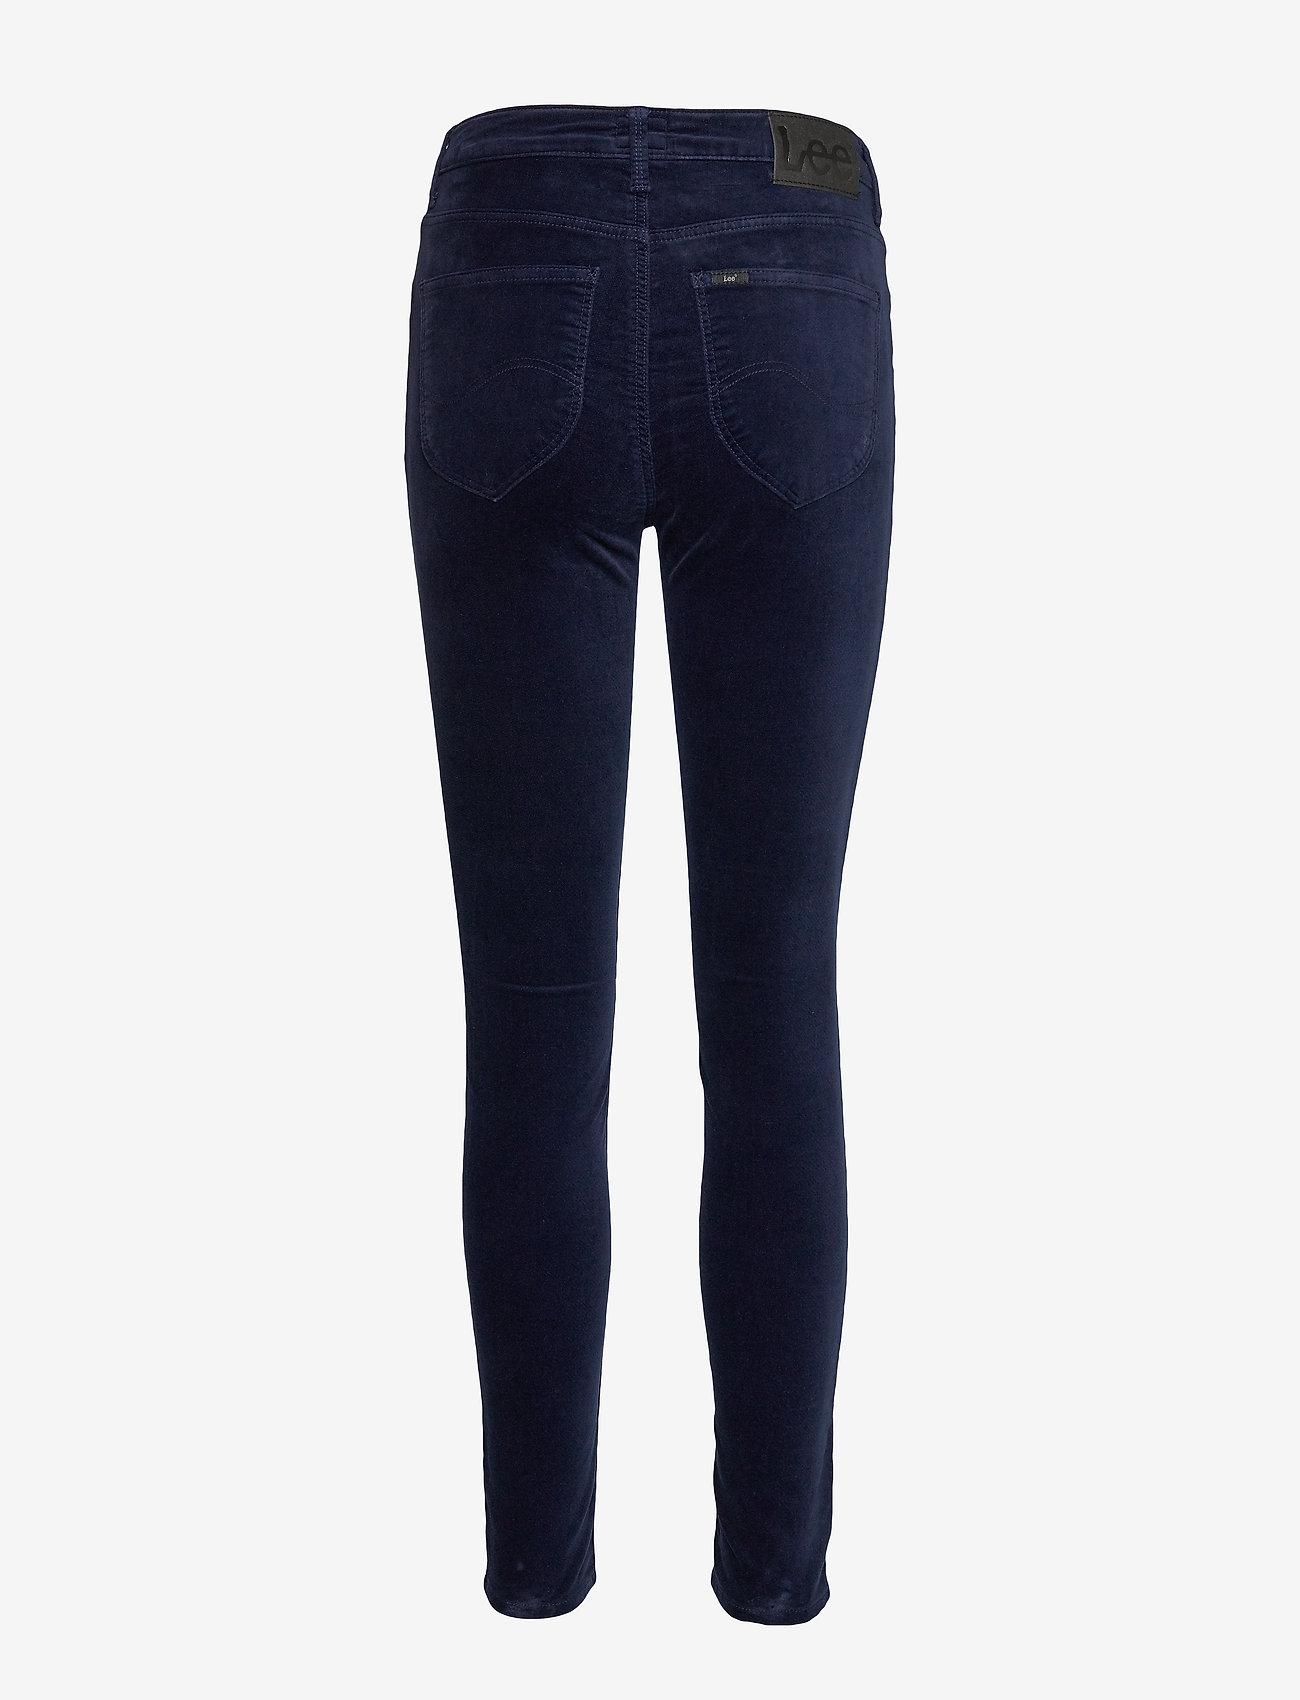 Scarlett High (Midnight Velvet) (674.25 kr) - Lee Jeans